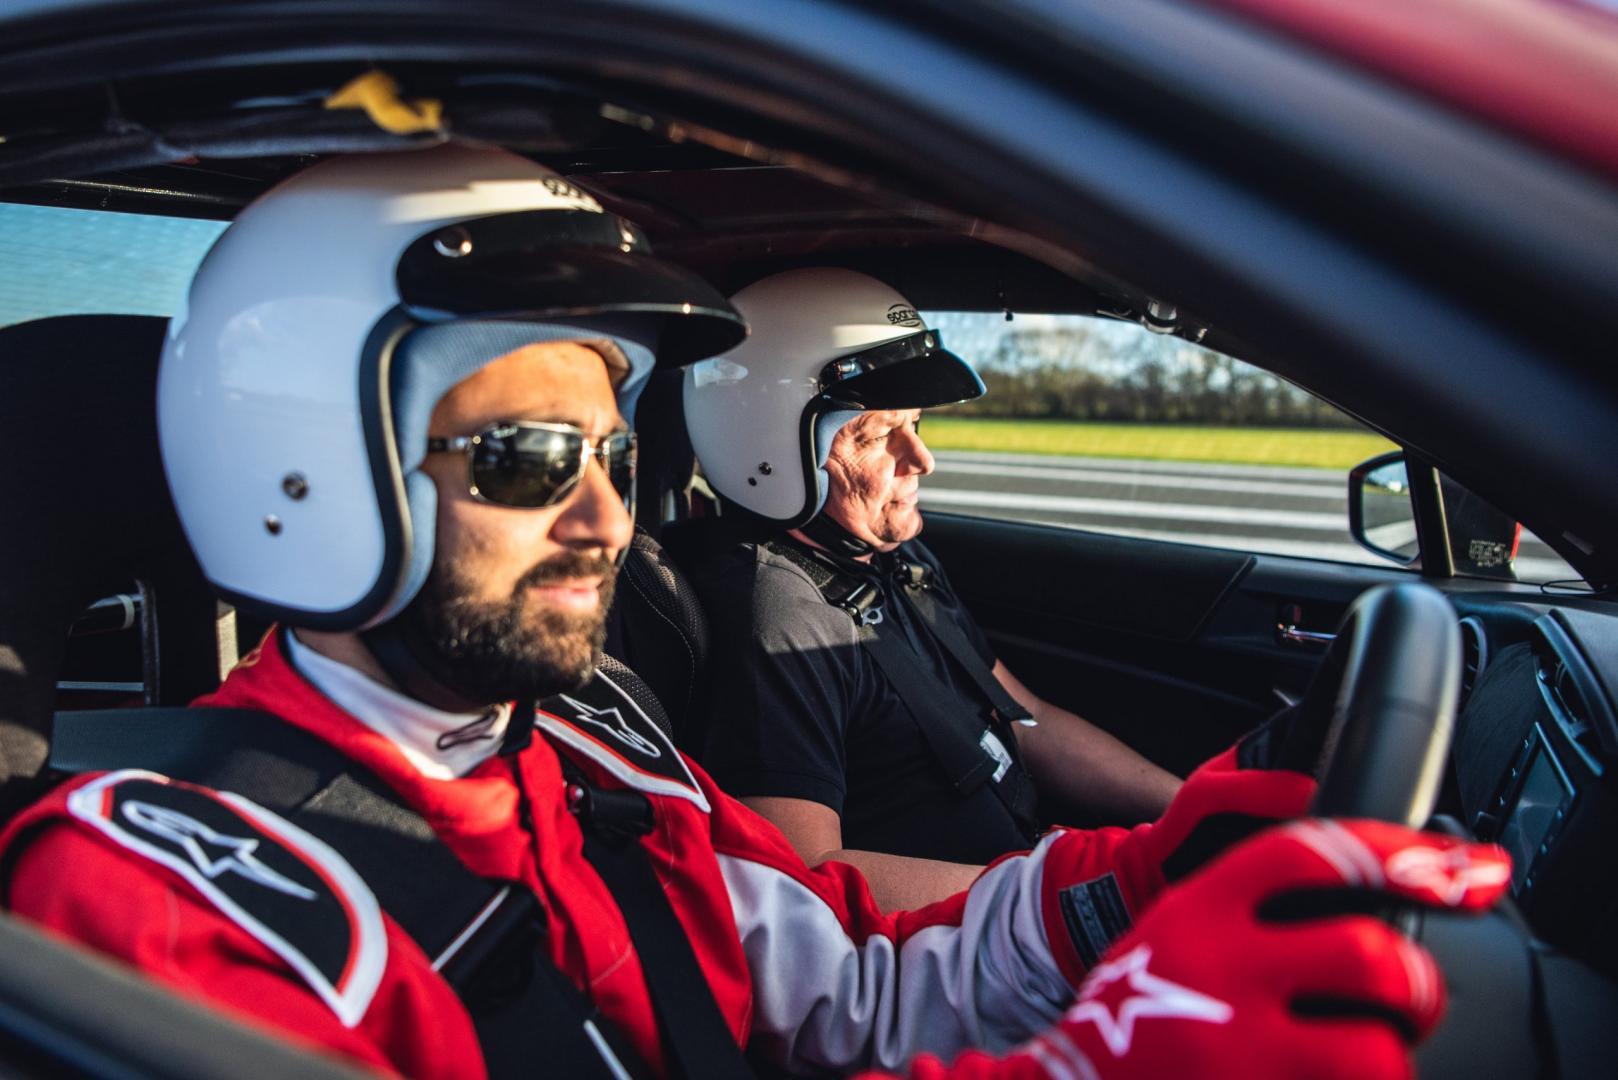 Blinde man rijdt over TopGear Test Track